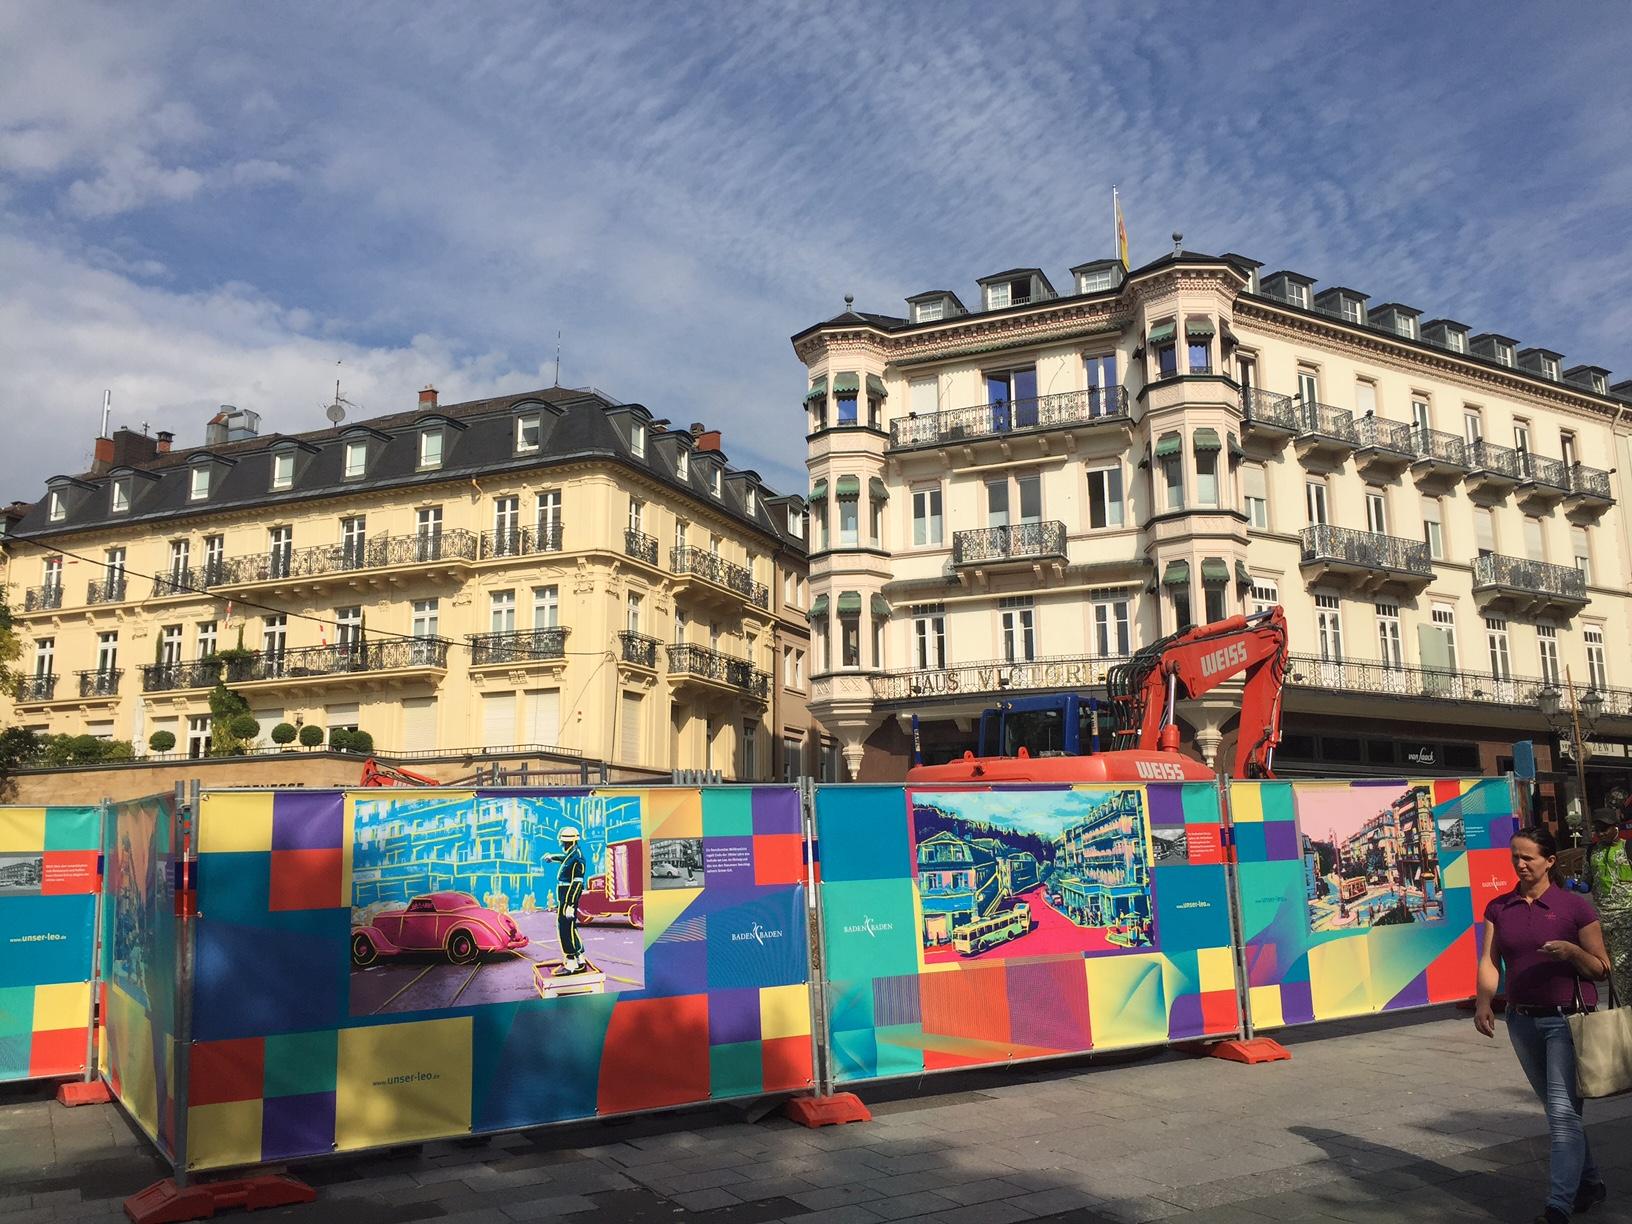 Baustelle Leopoldsplatz von buntem Bauzaun eingerahmt | Margret Mergen